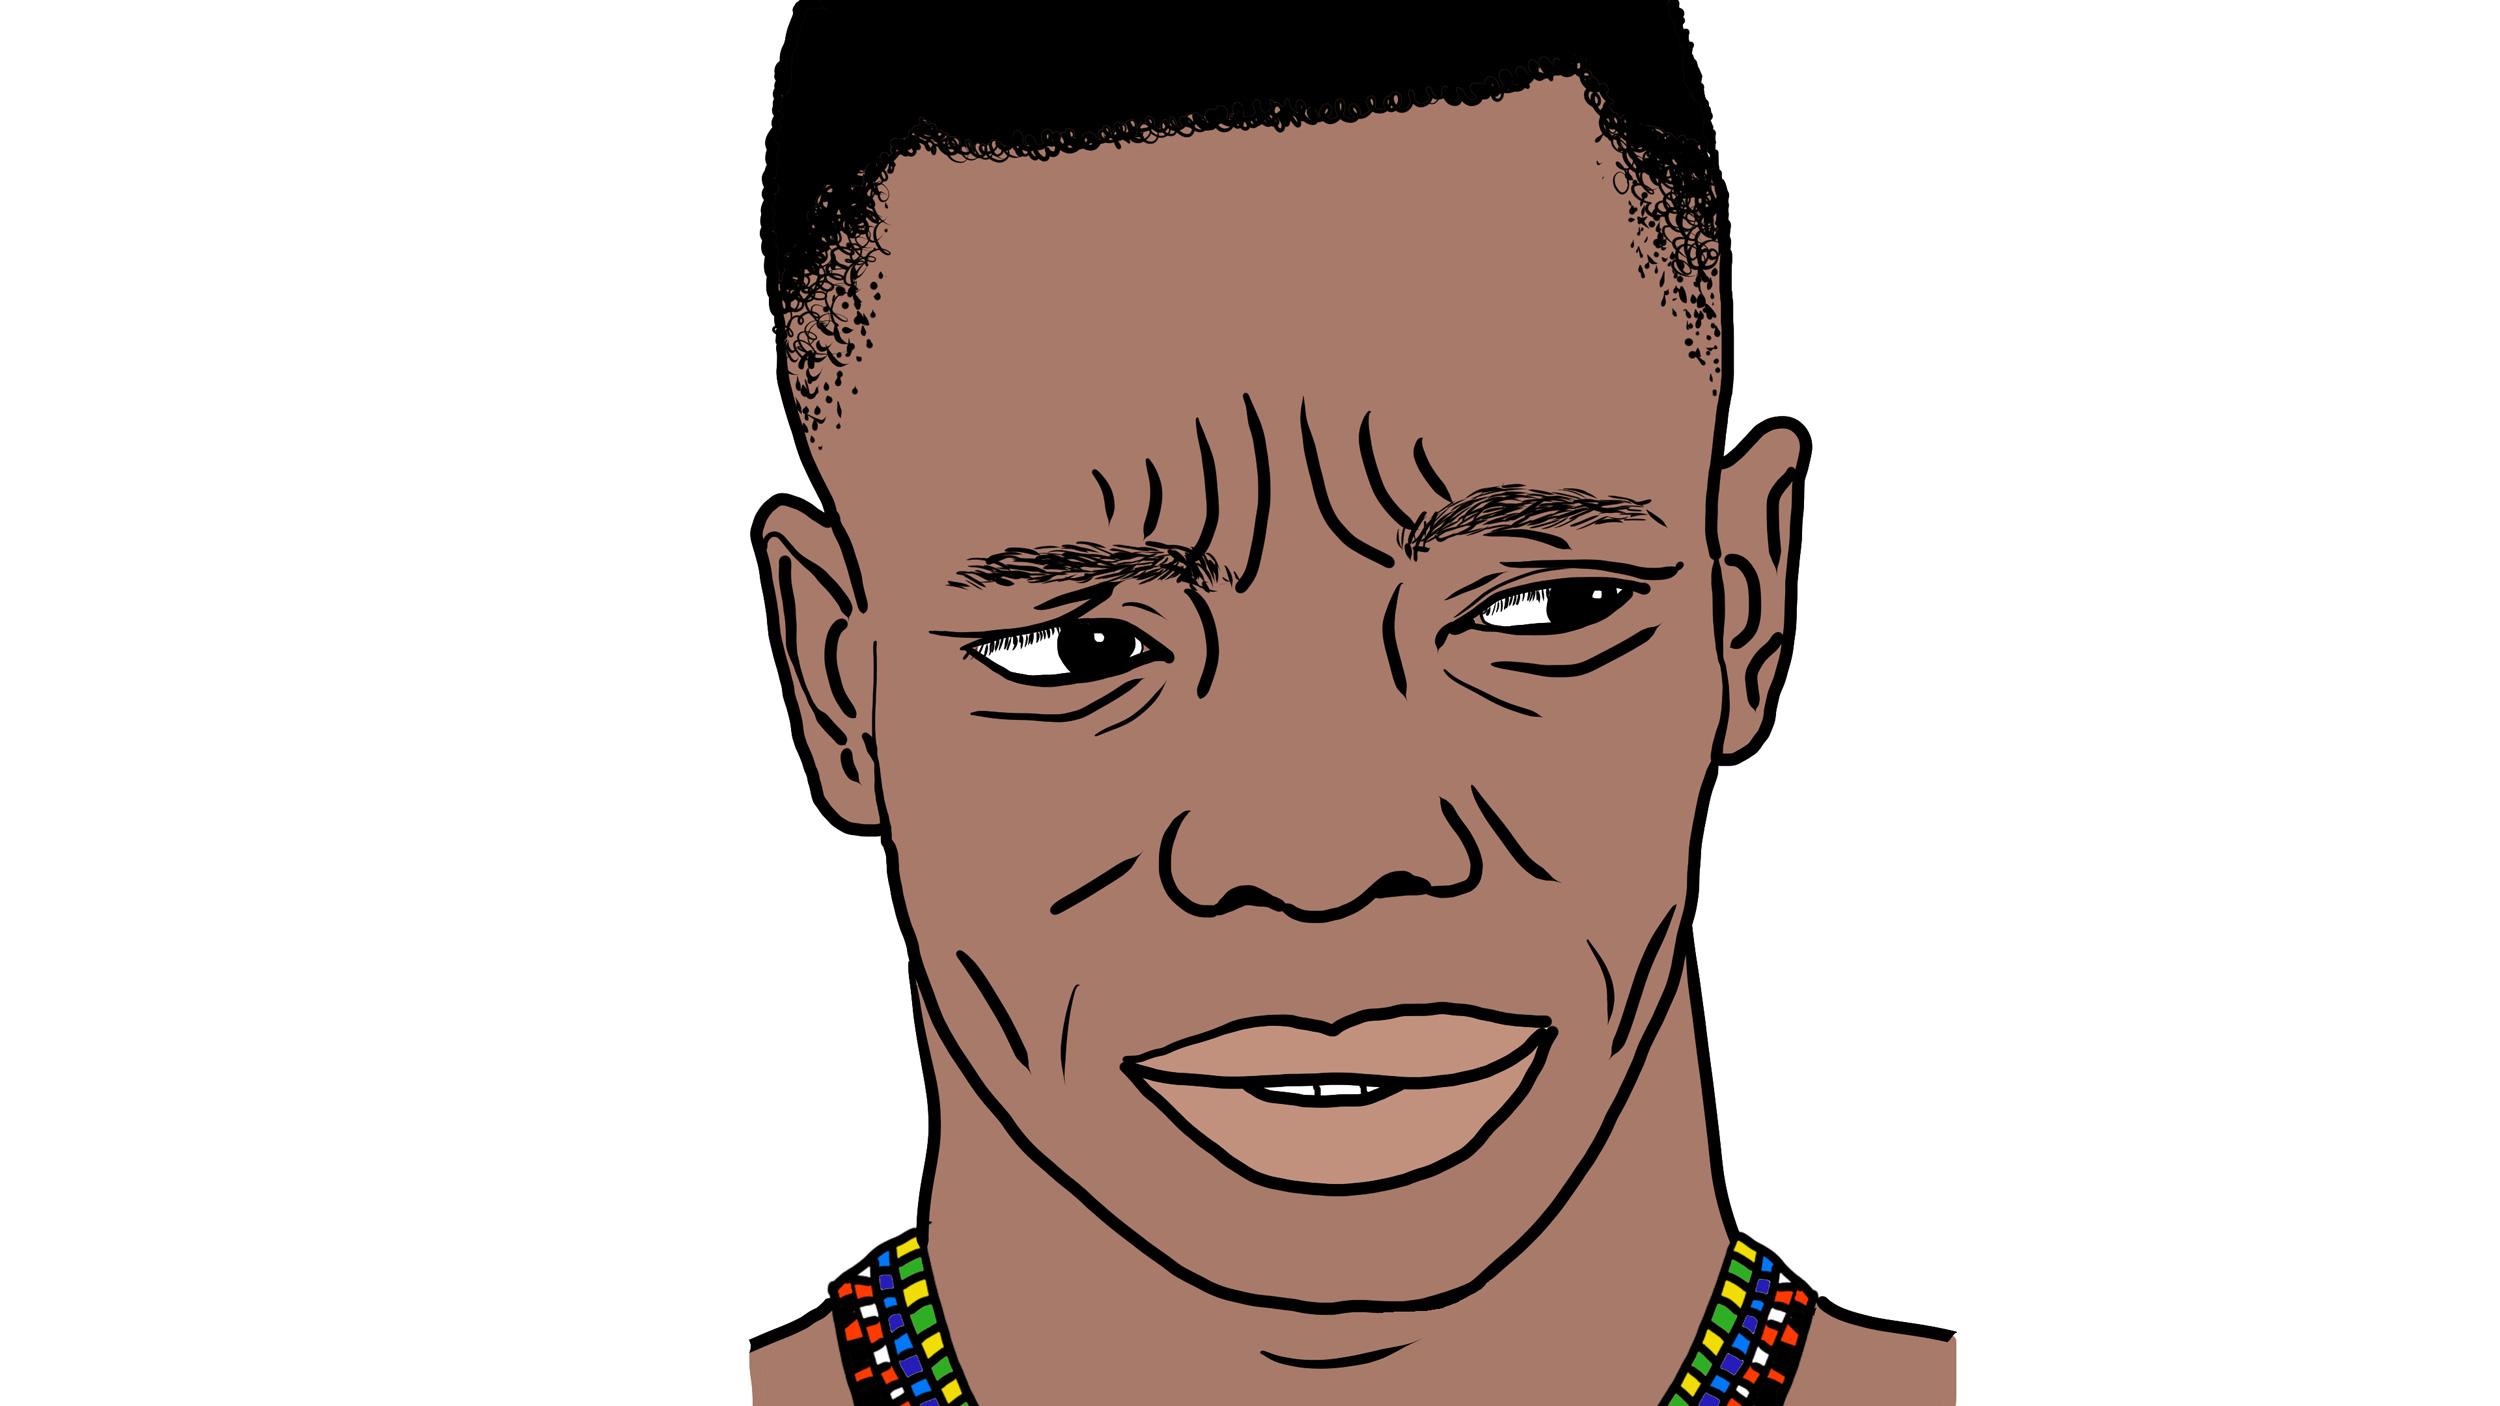 nollywood, lagos, nigeria movie, nigeria film industry, nigerian actor, yoruba boy, santero, iyawo, candomble, salvador